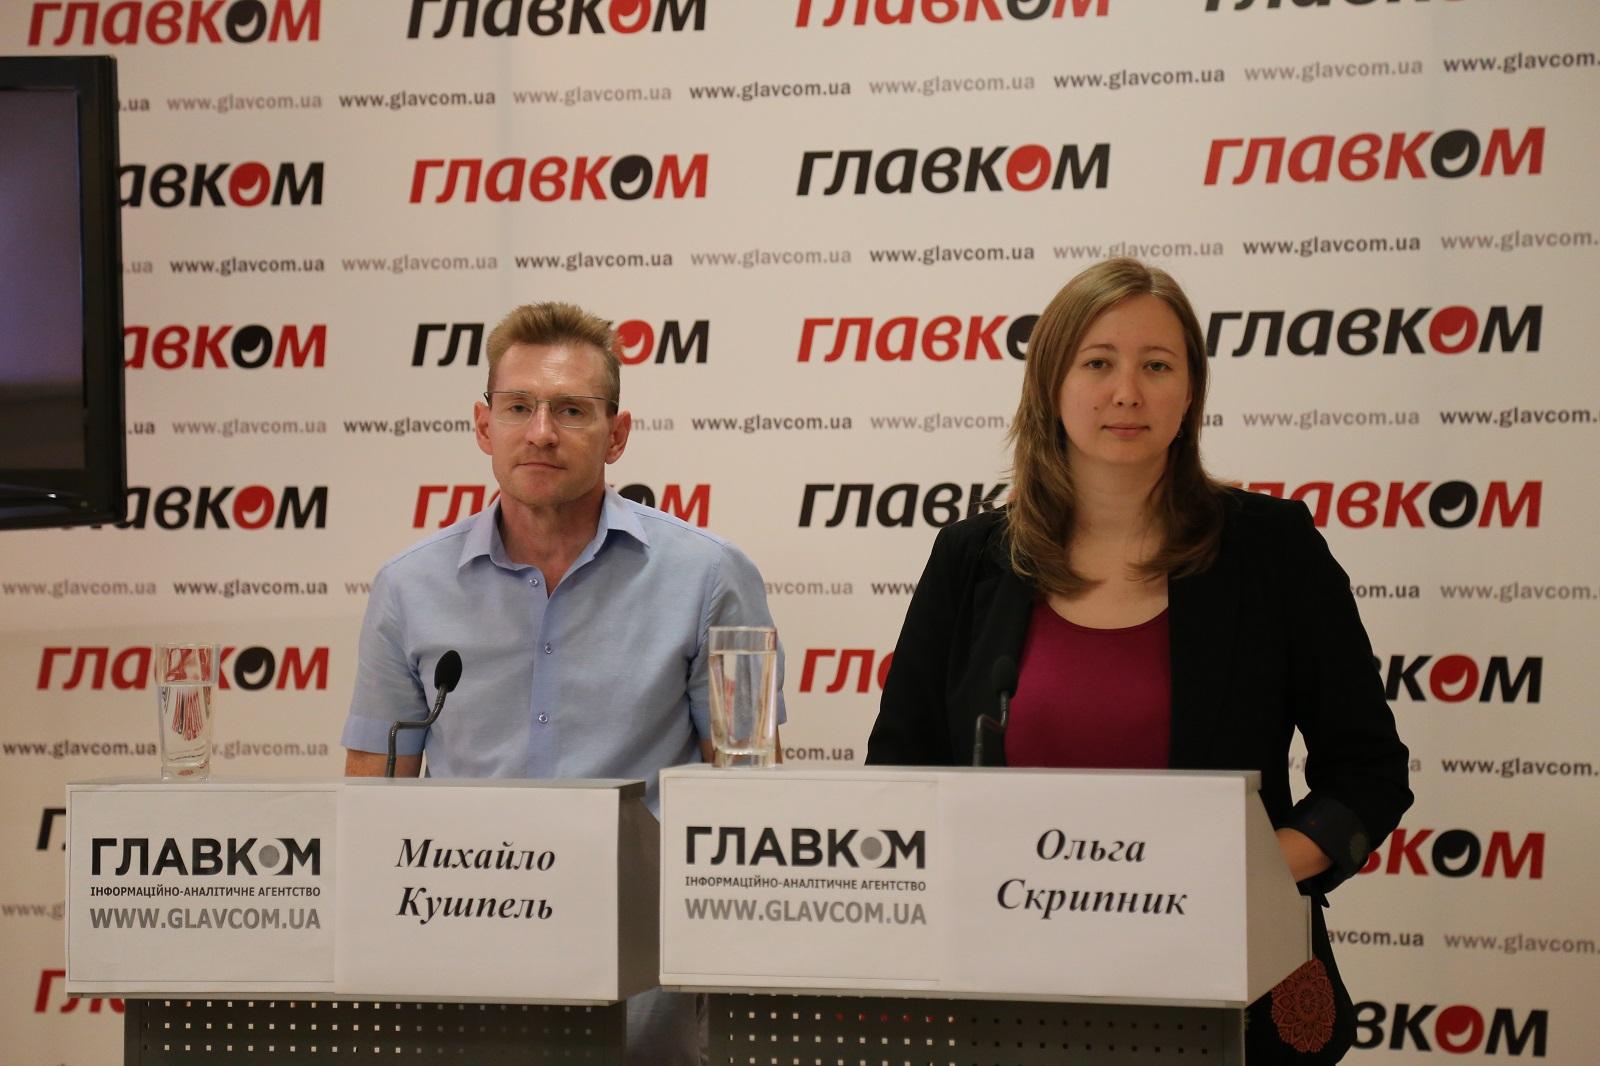 Михаил Кушпель и Ольга Скрипник